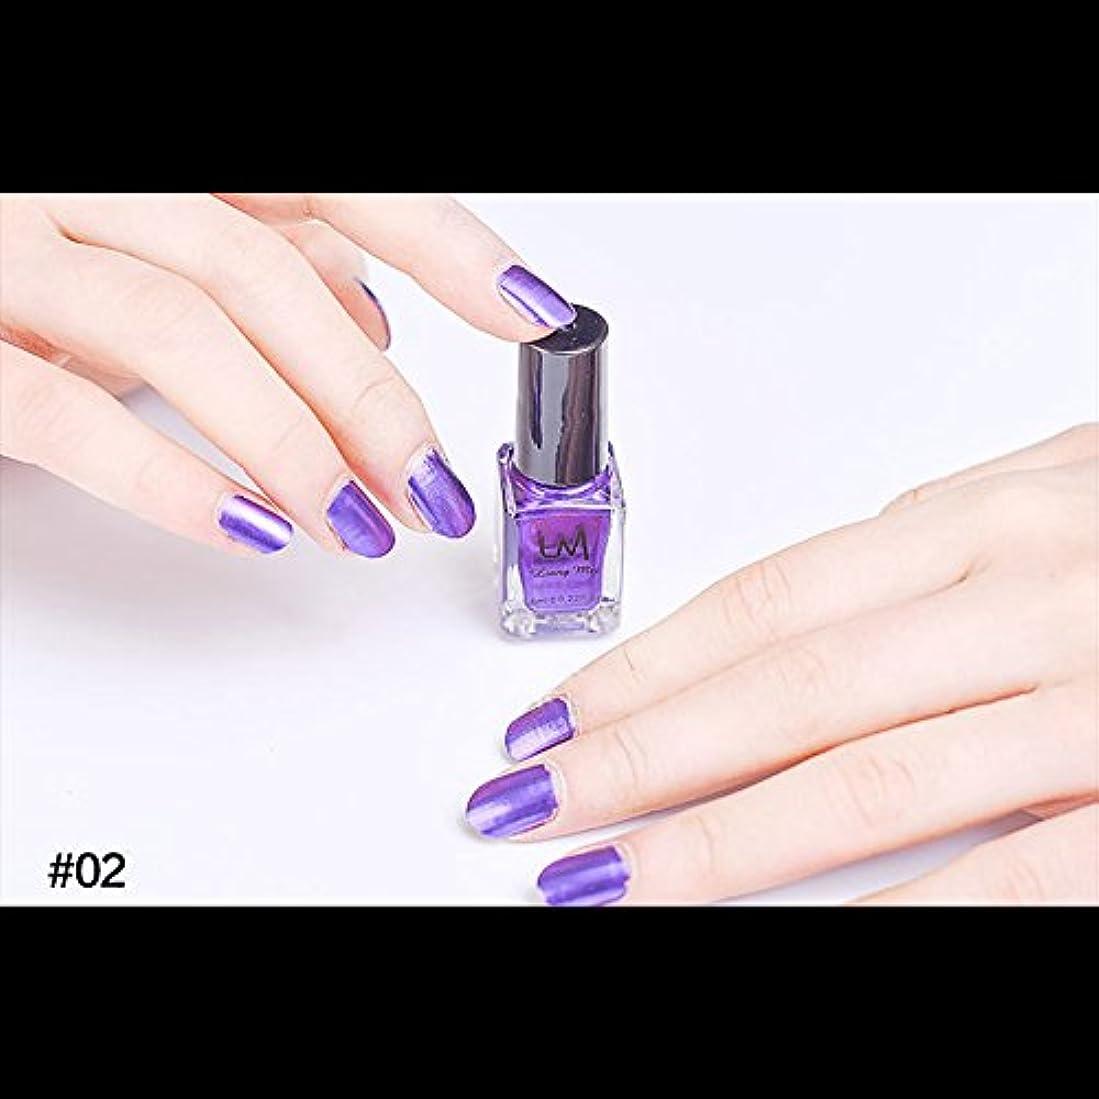 執着現実的不足hjuns-Wu マニキュア パール感 1ボトル 6ml ネイルポリッシュ (紫)